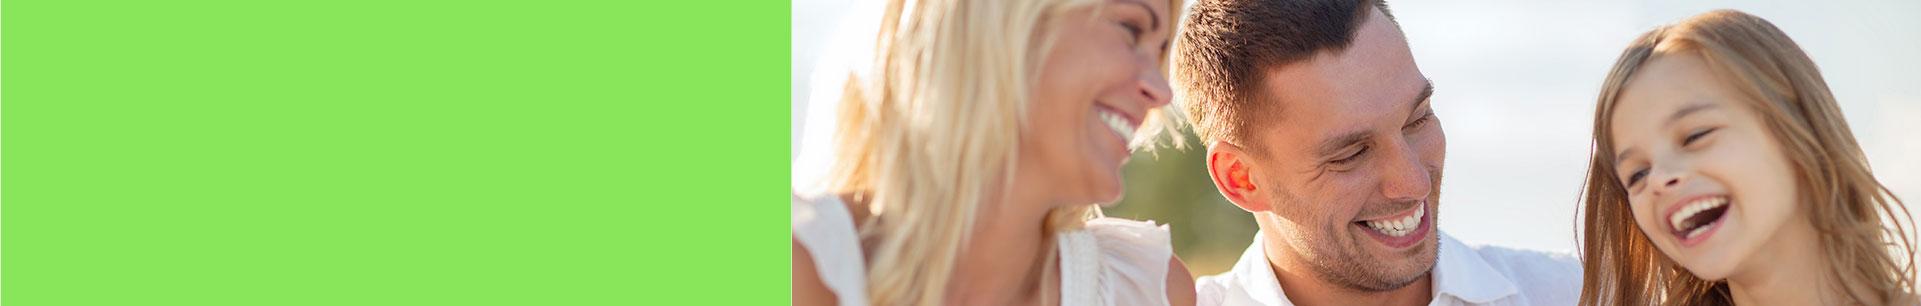 Uśmiechnięci kobieta, mężczyzna idziewczynka. Wszyscy mają zdrowe zęby- zabiegi wMedispot